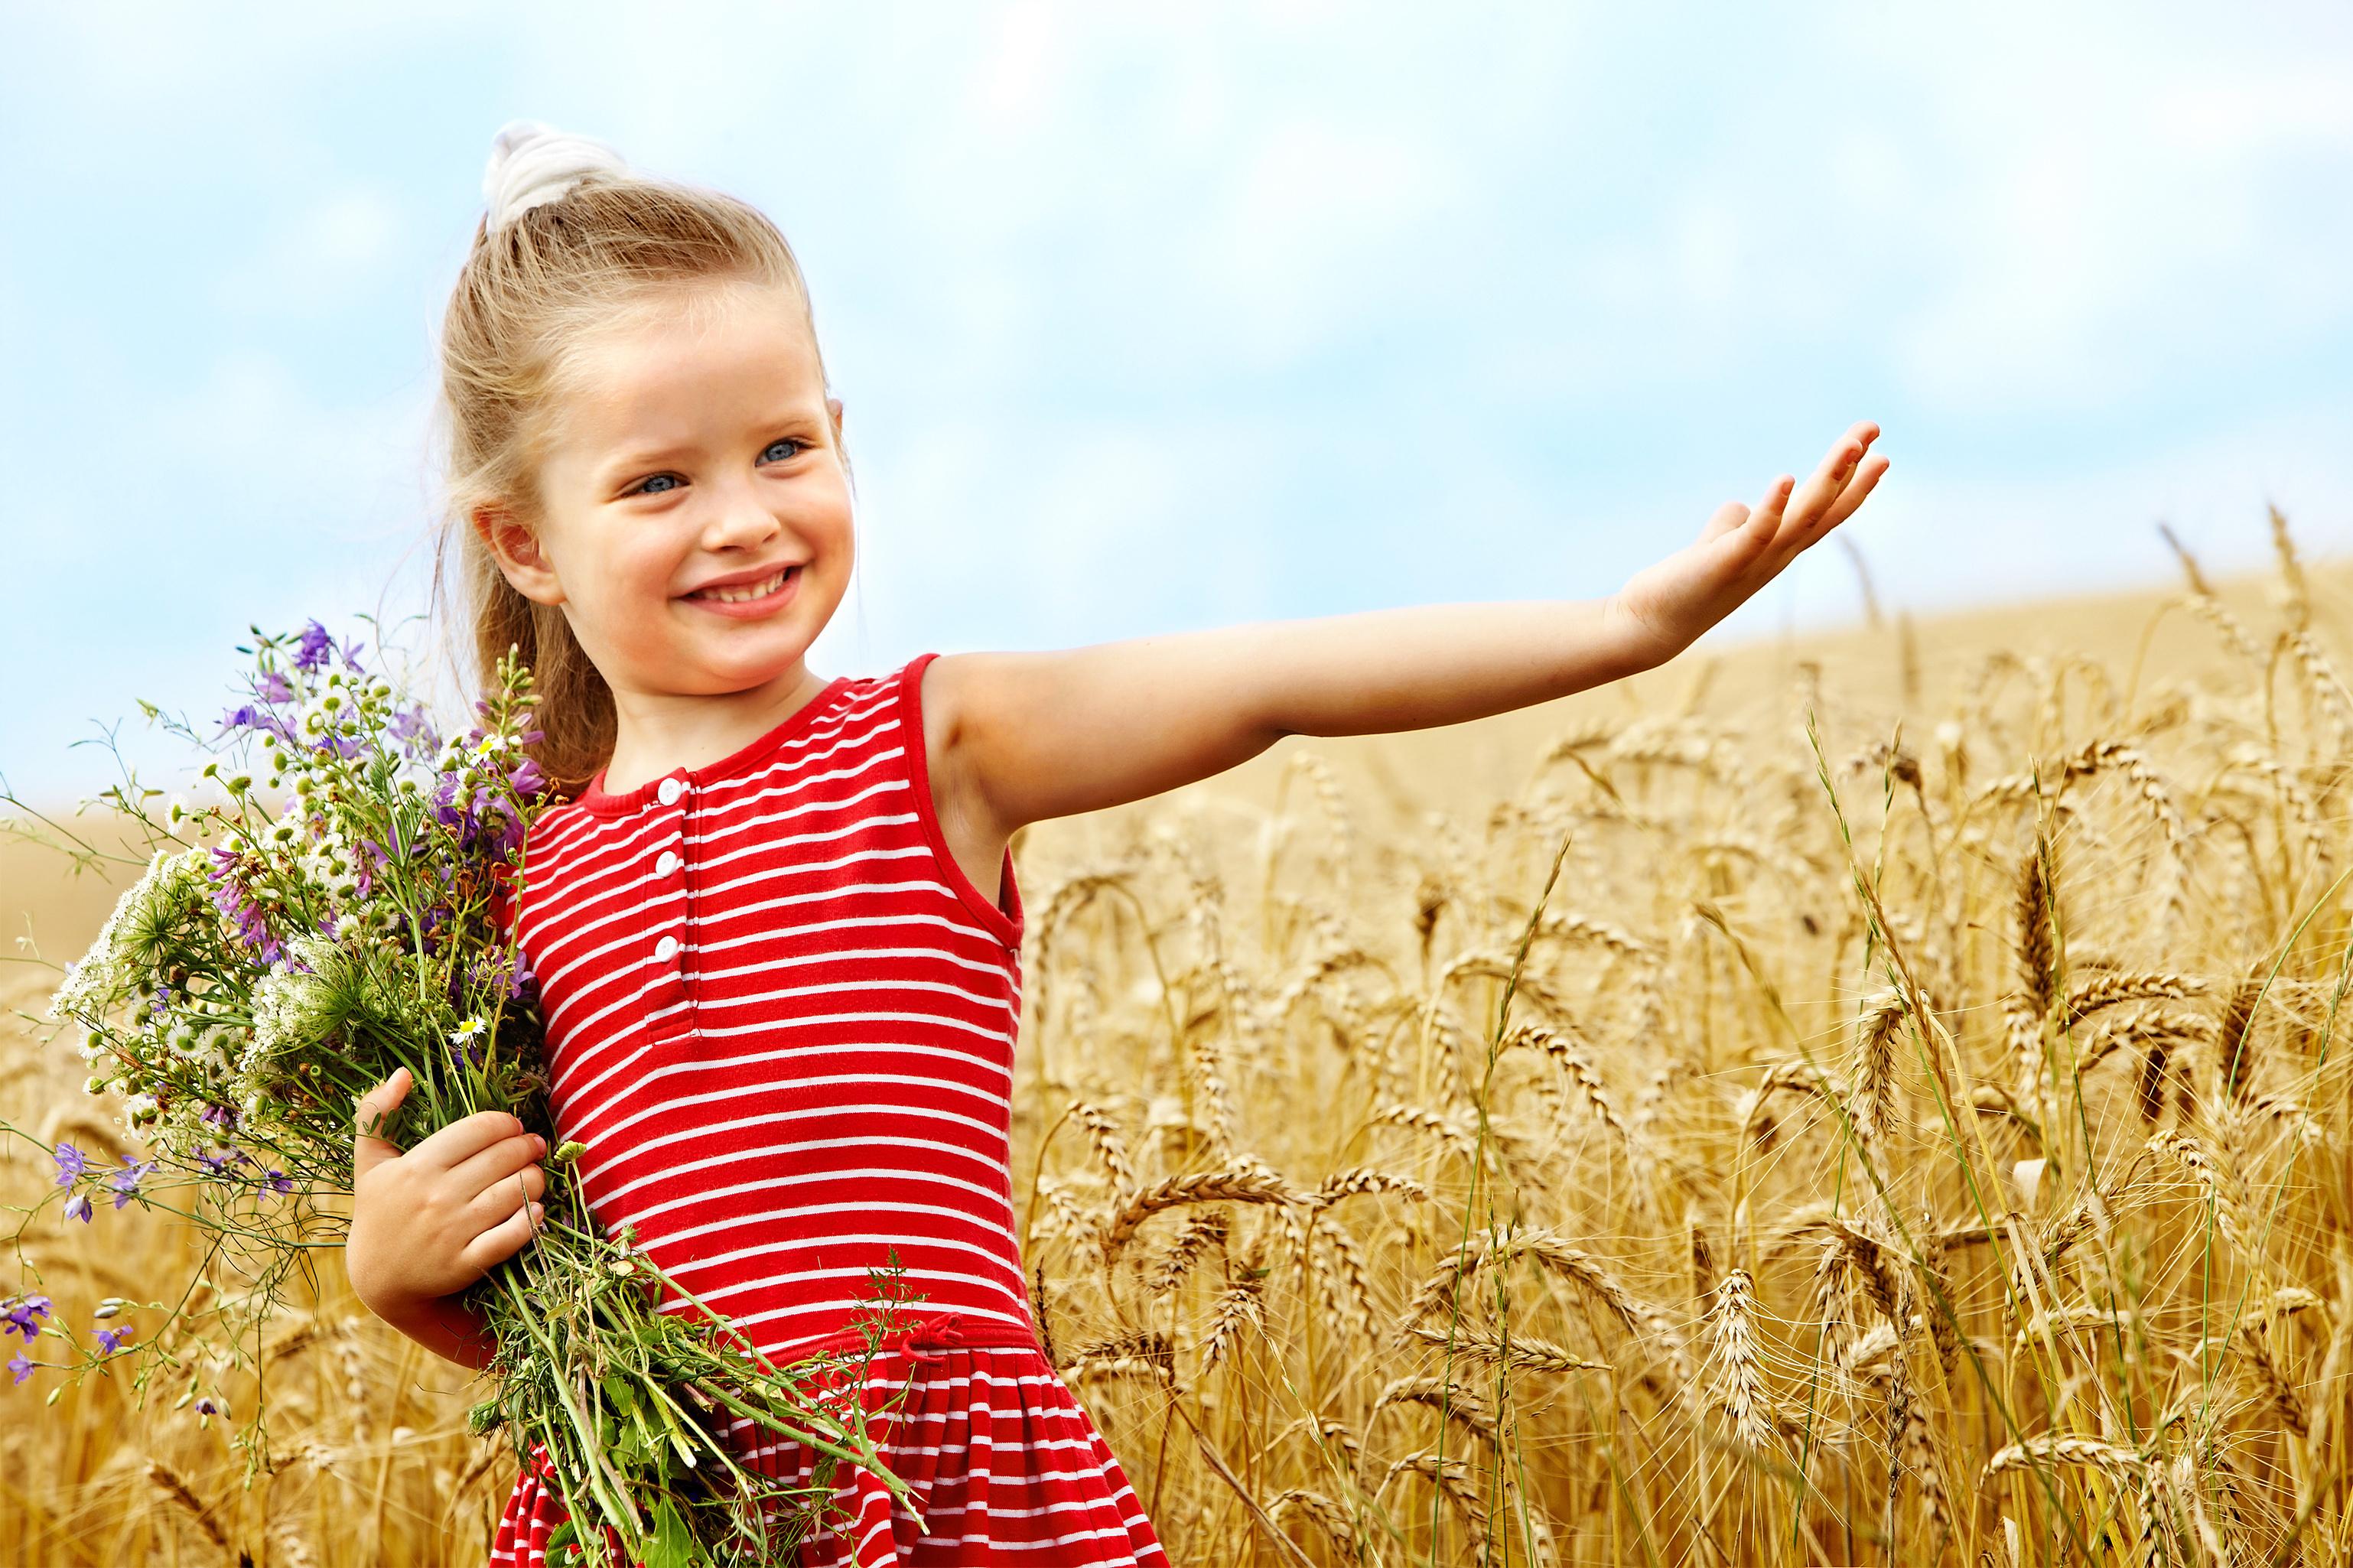 happy little girl - HD3076×2050